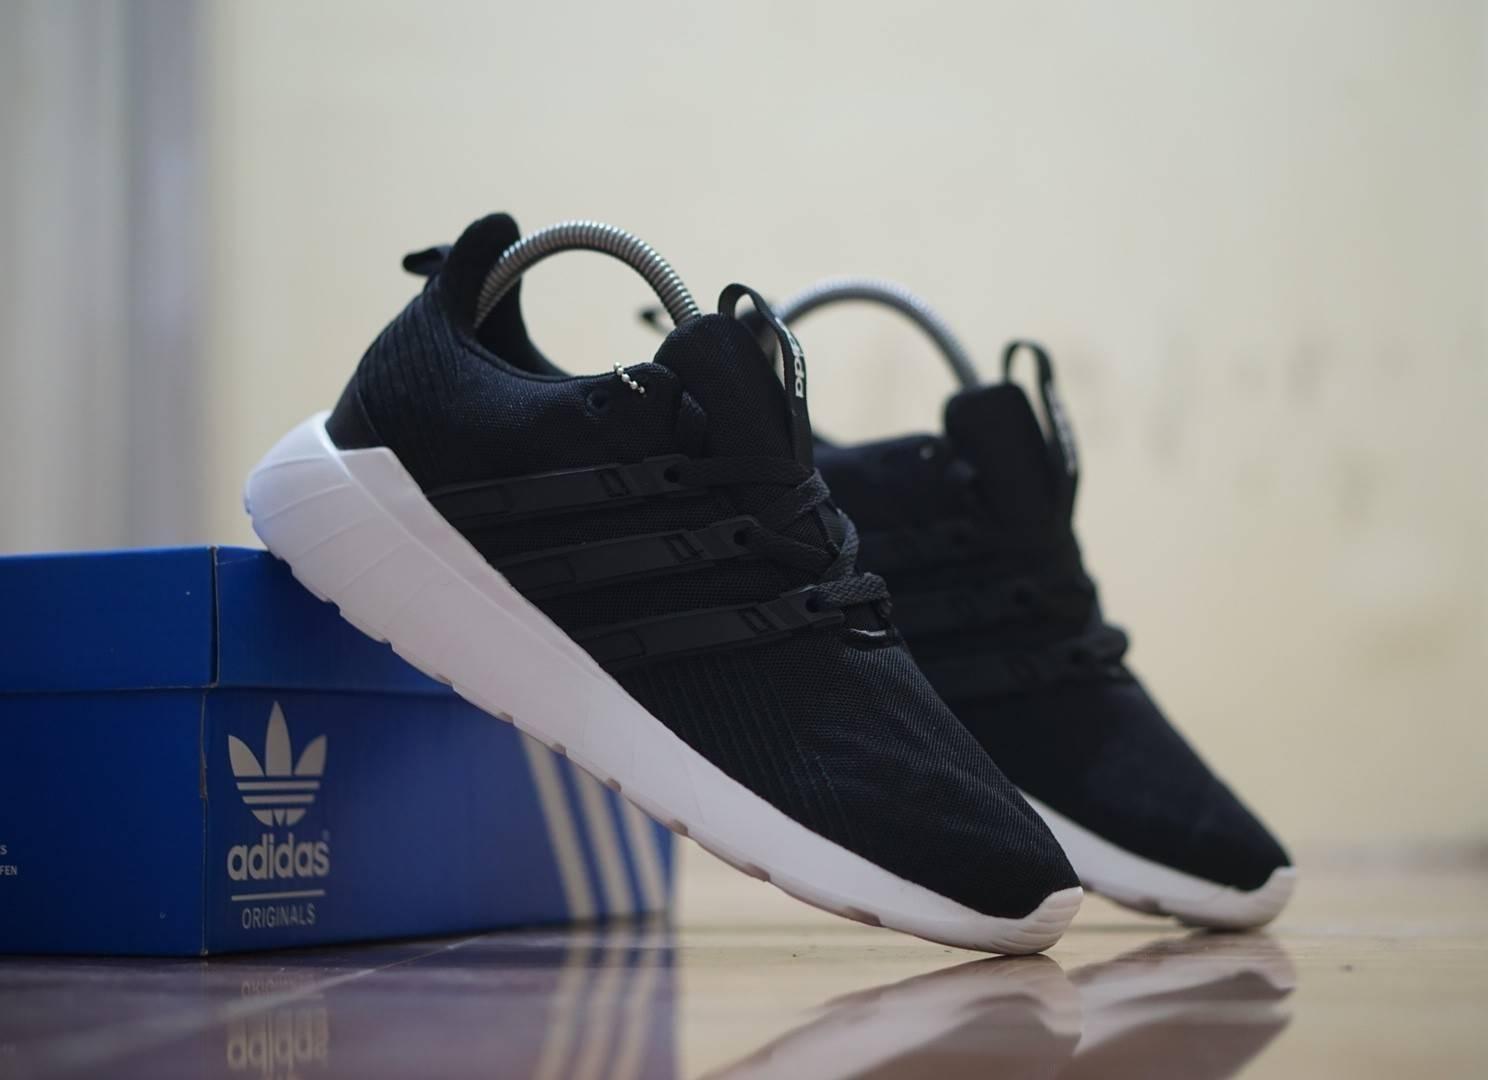 ΑDIDAS - Sepatu Pria ΑDIDAS Flow Sneakers Fashion Olahraga running